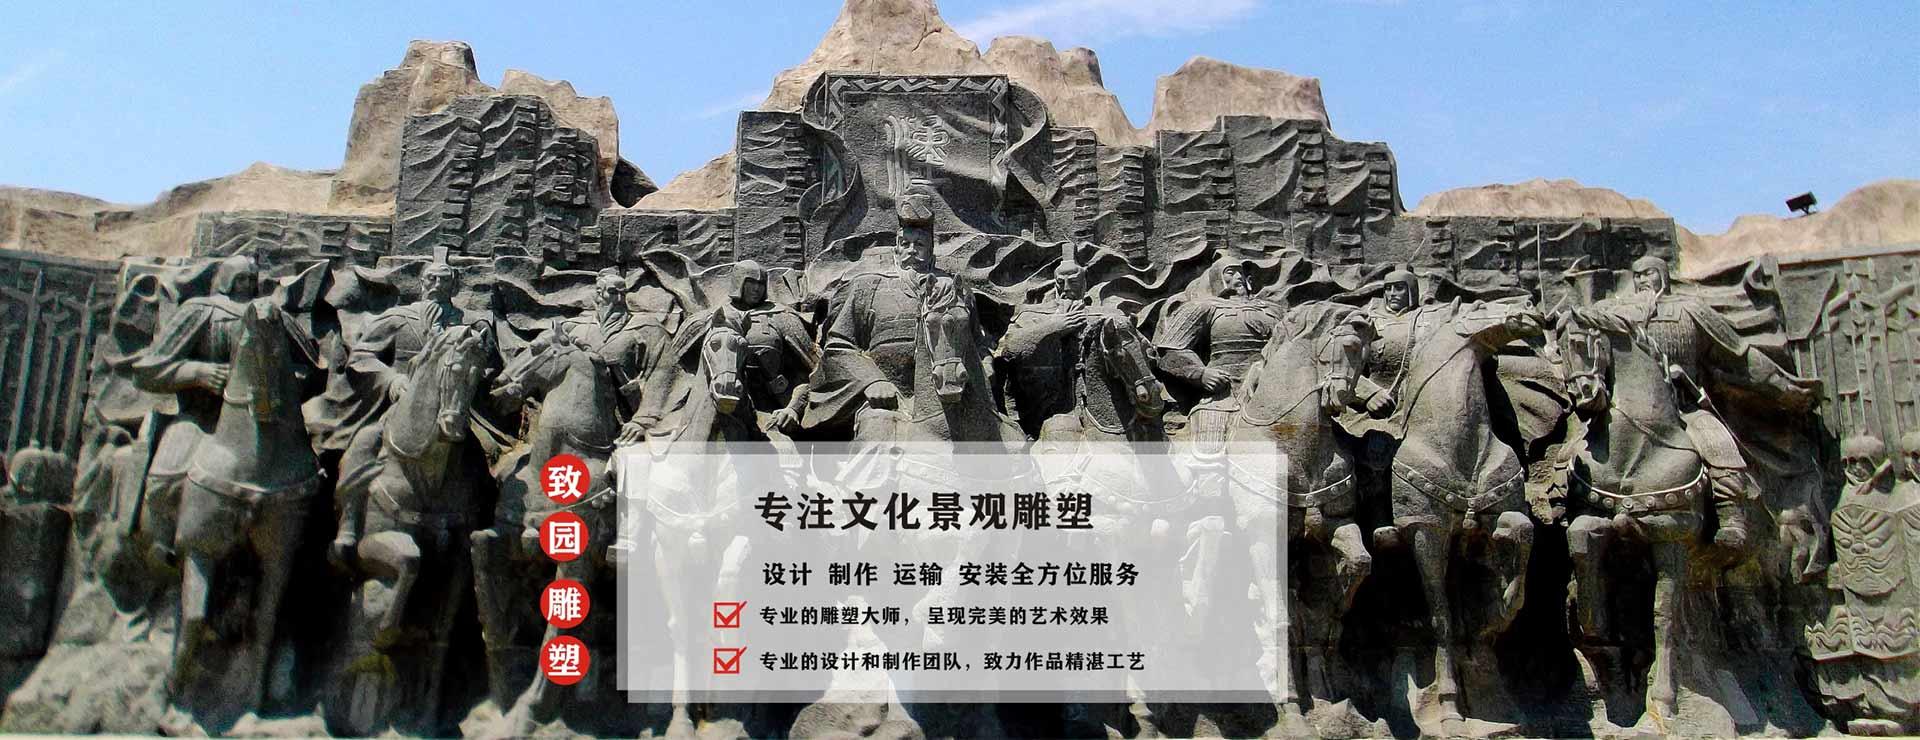 四川旅游景区雕塑